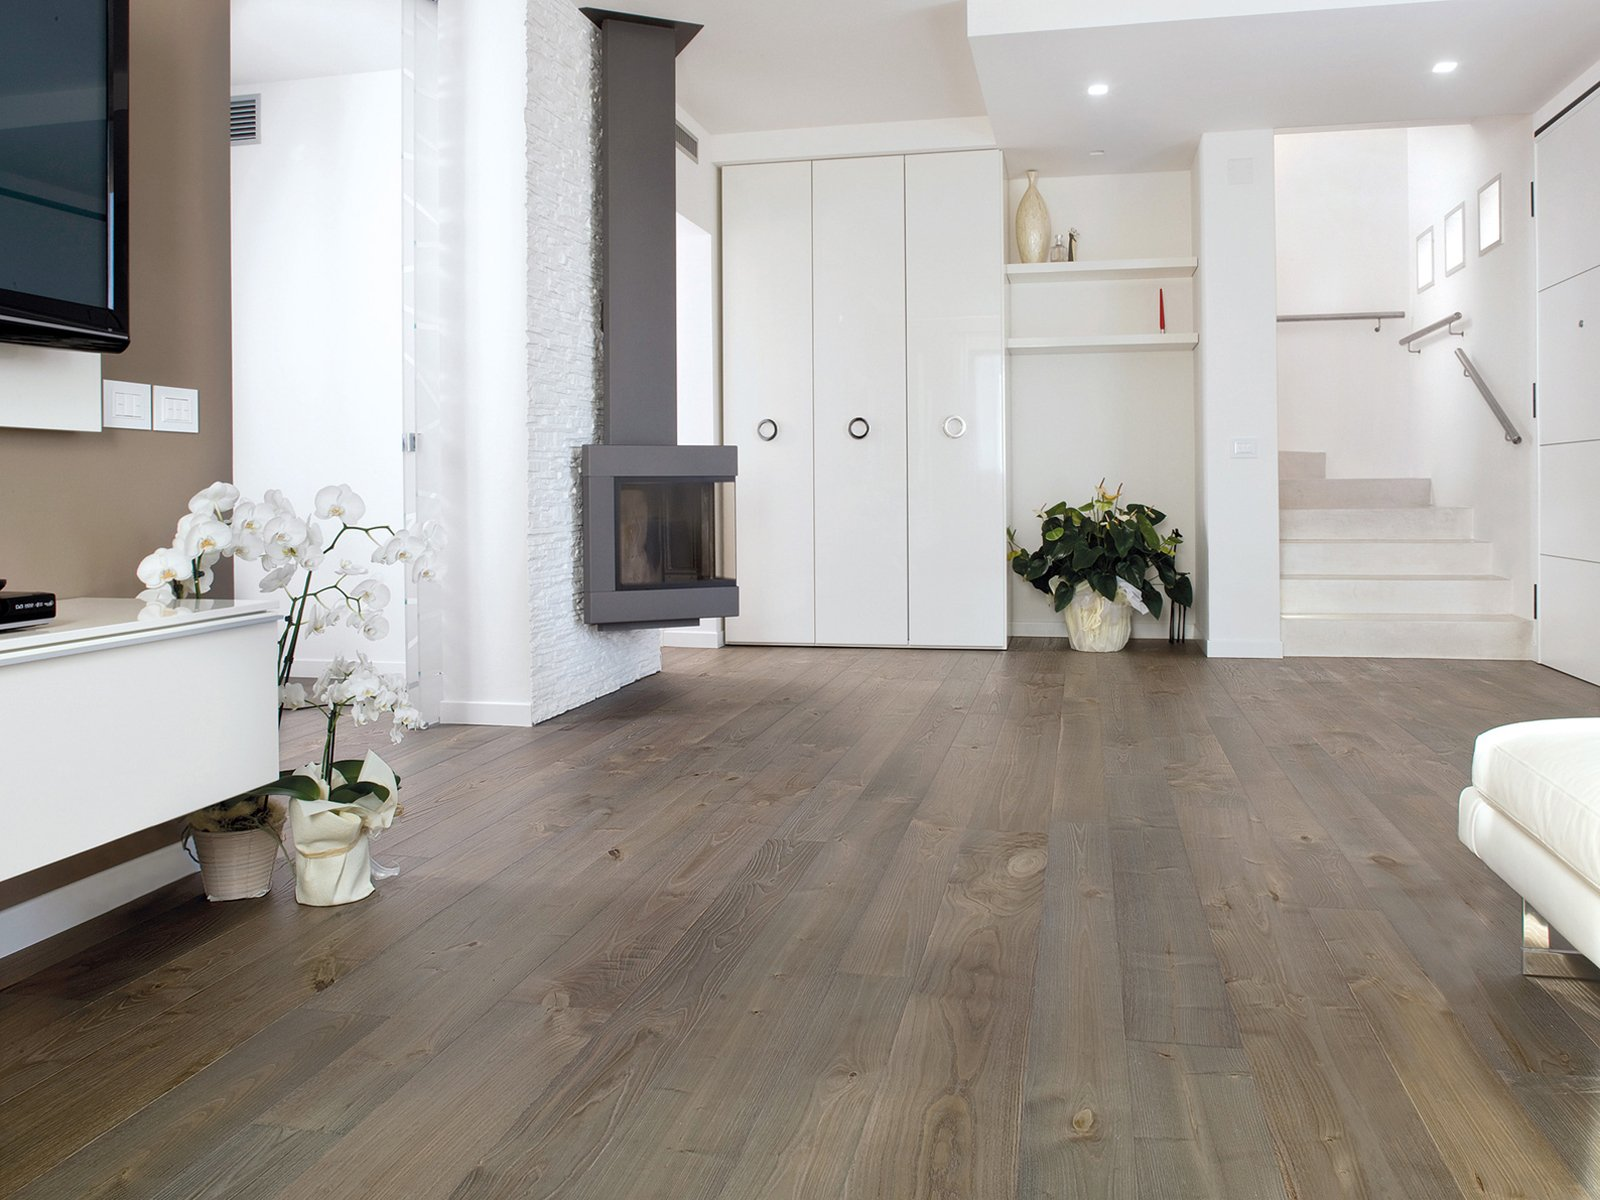 Parquet essenze e tipologie cose di casa for Tipi di arredamento